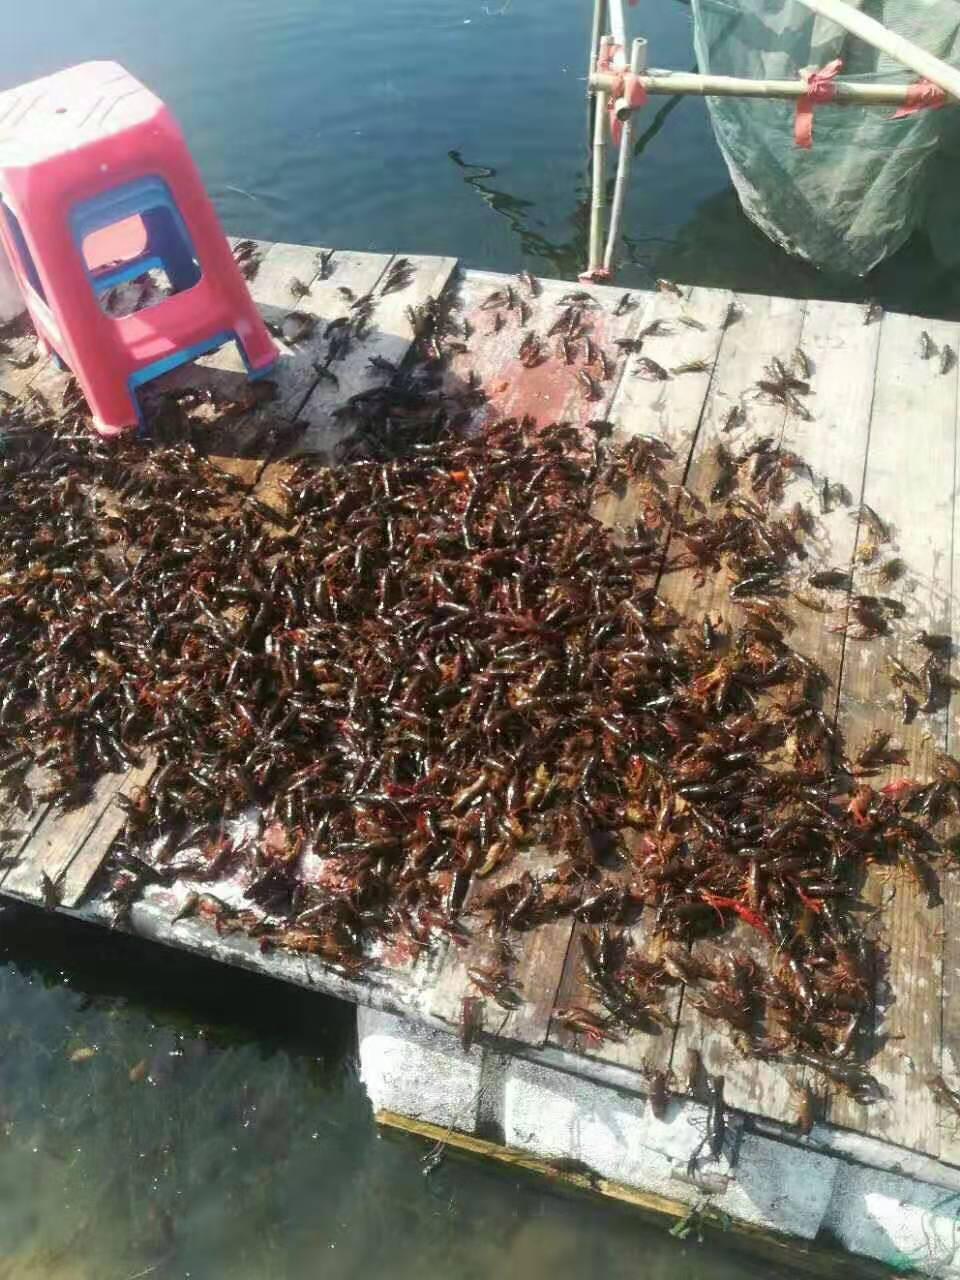 龙虾苗养殖价格|温州小龙虾苗养殖场| 小龙虾养殖市场 龙虾苗养殖价格